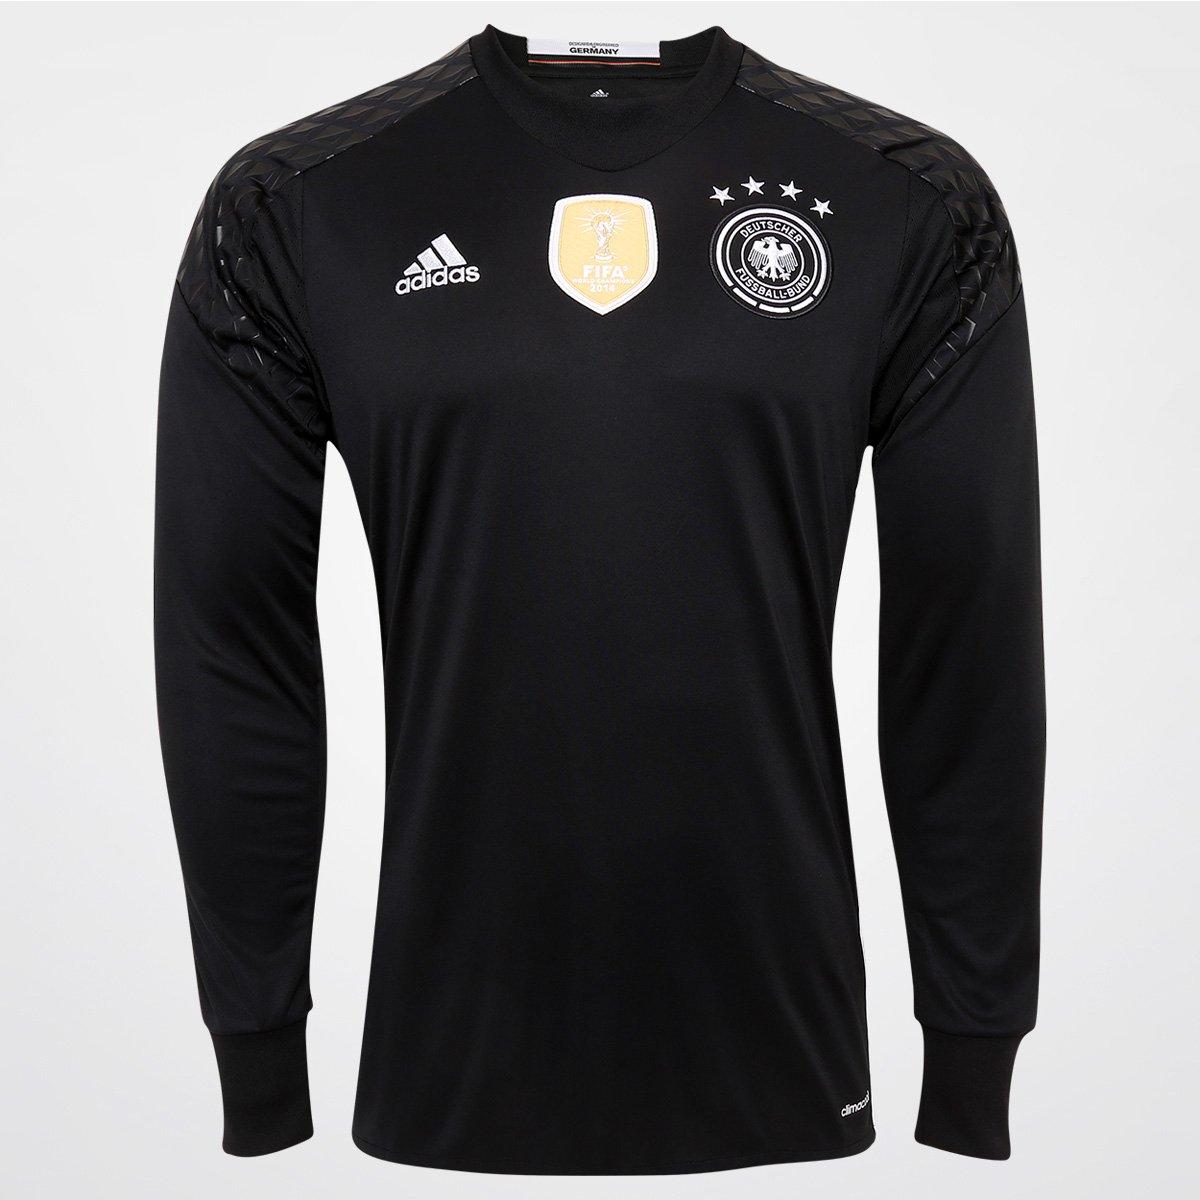 Camisa Adidas Alemanha Goleiro 2016 s nº M L - Compre Agora  5d9bb9cb1c4a6